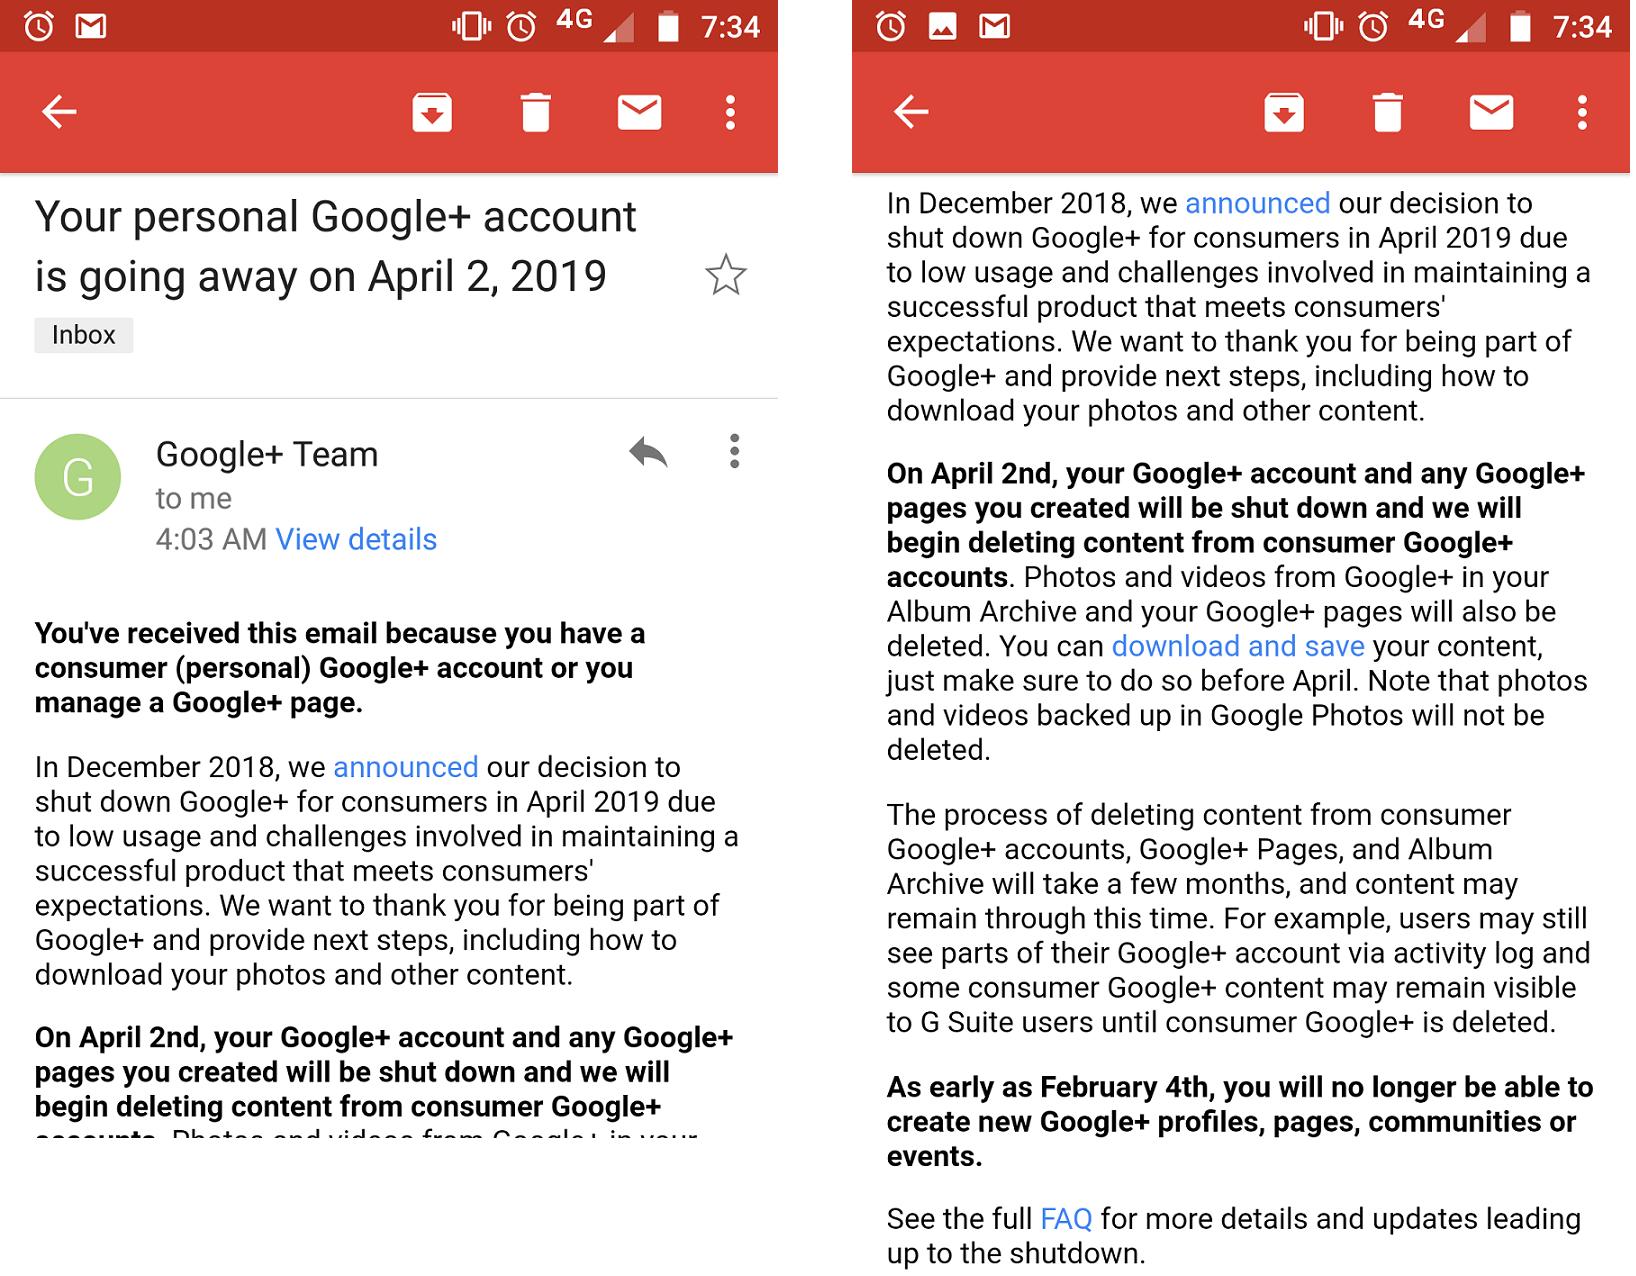 Google+ для потребителей будет закрыт 2 апреля